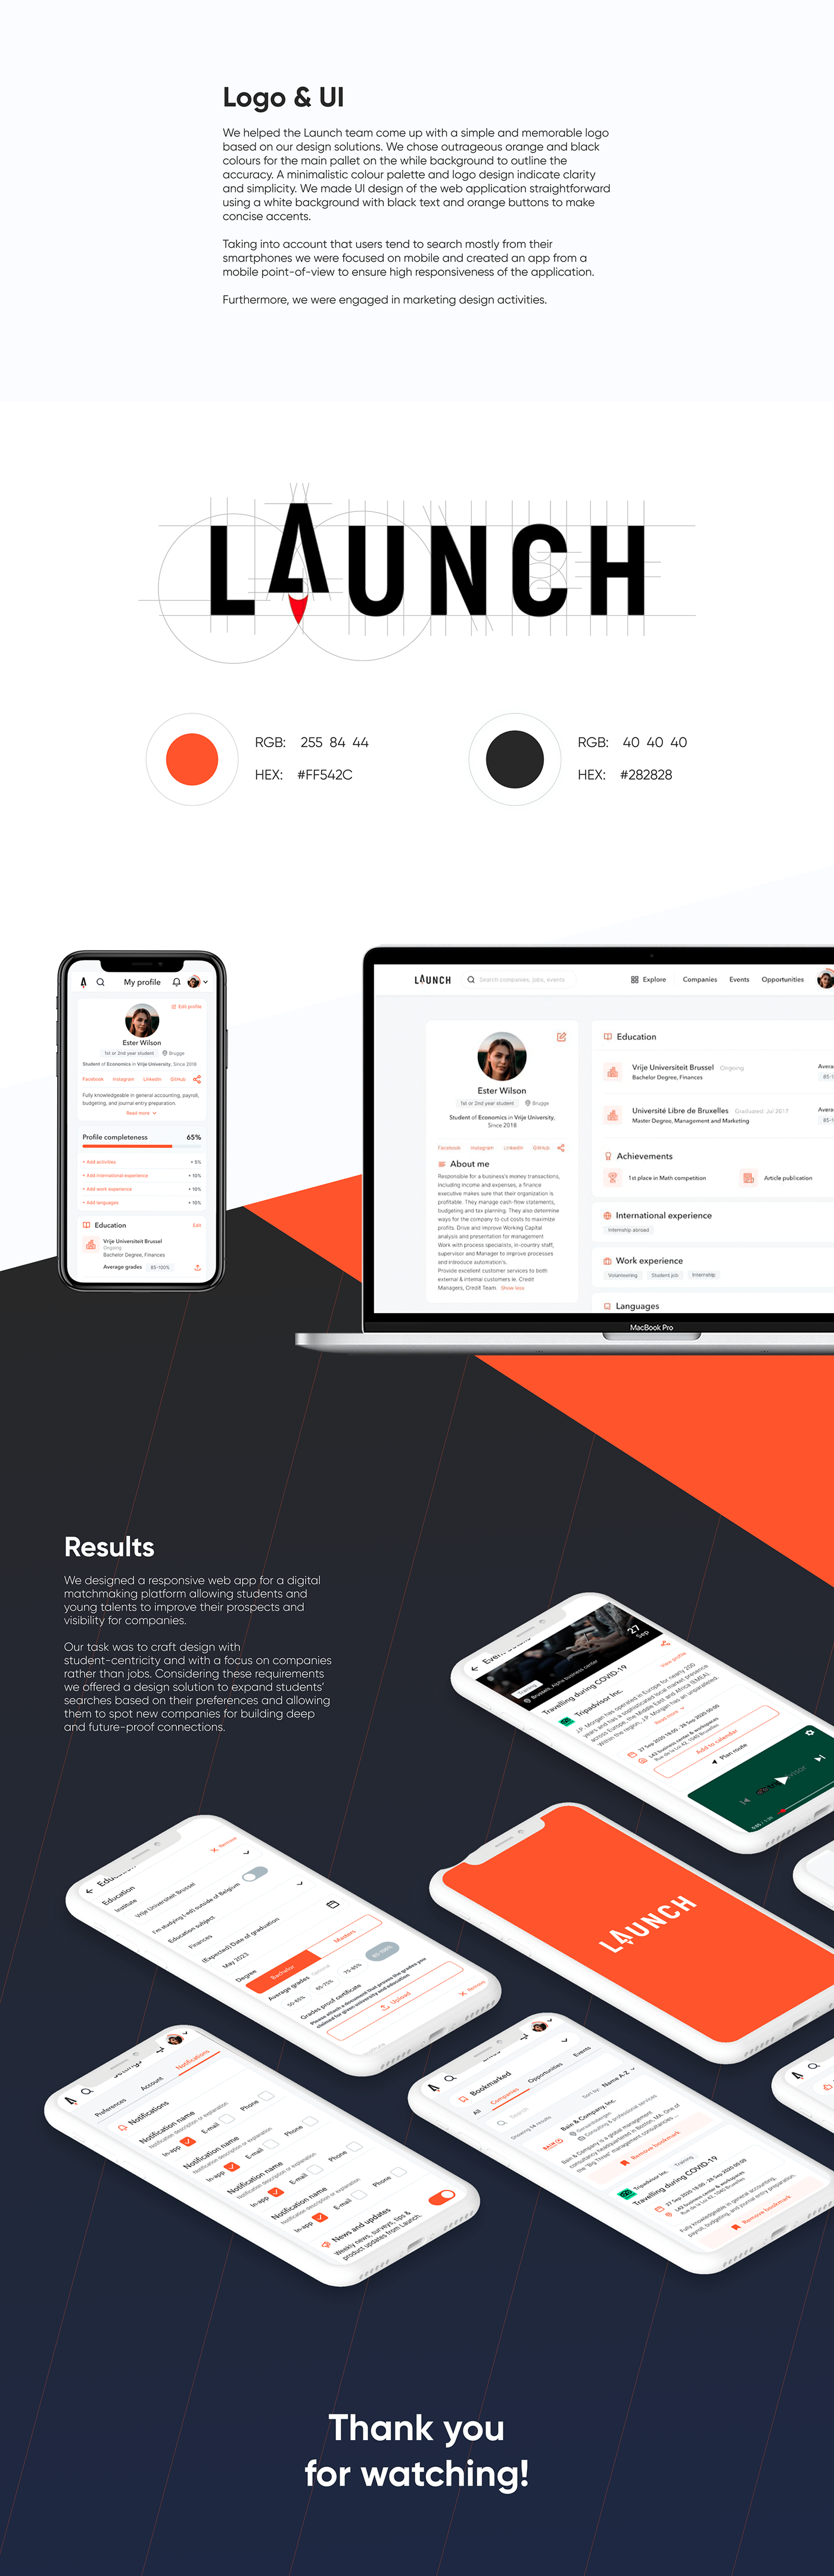 design Figma ILLUSTRATION  mvp Platform product design  Startup UI ux